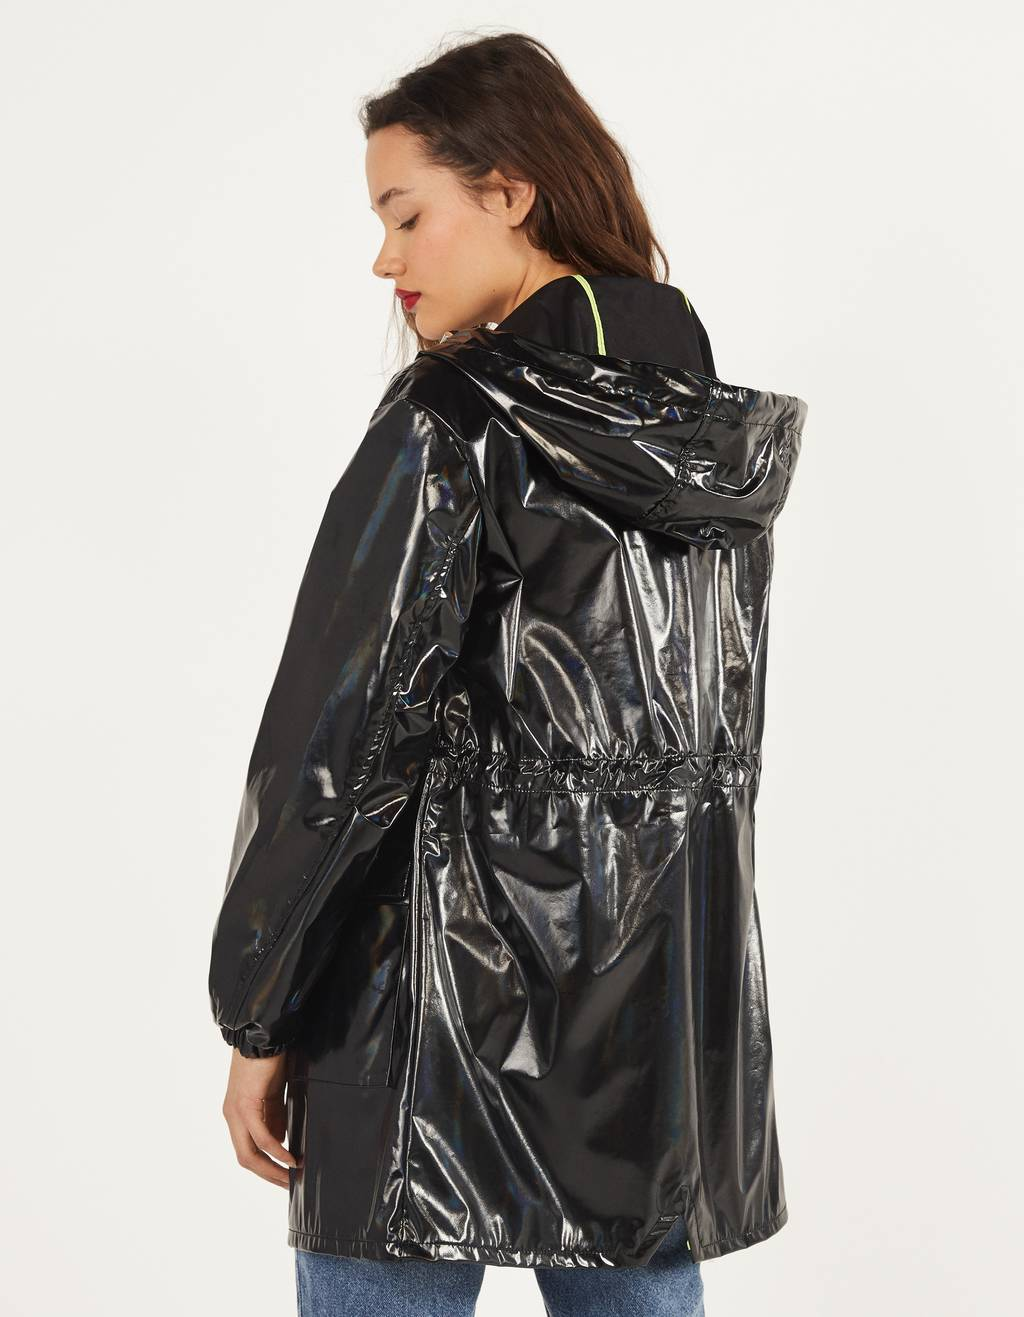 Este es el chubasquero de Bershka con más estilo para los días de lluvia